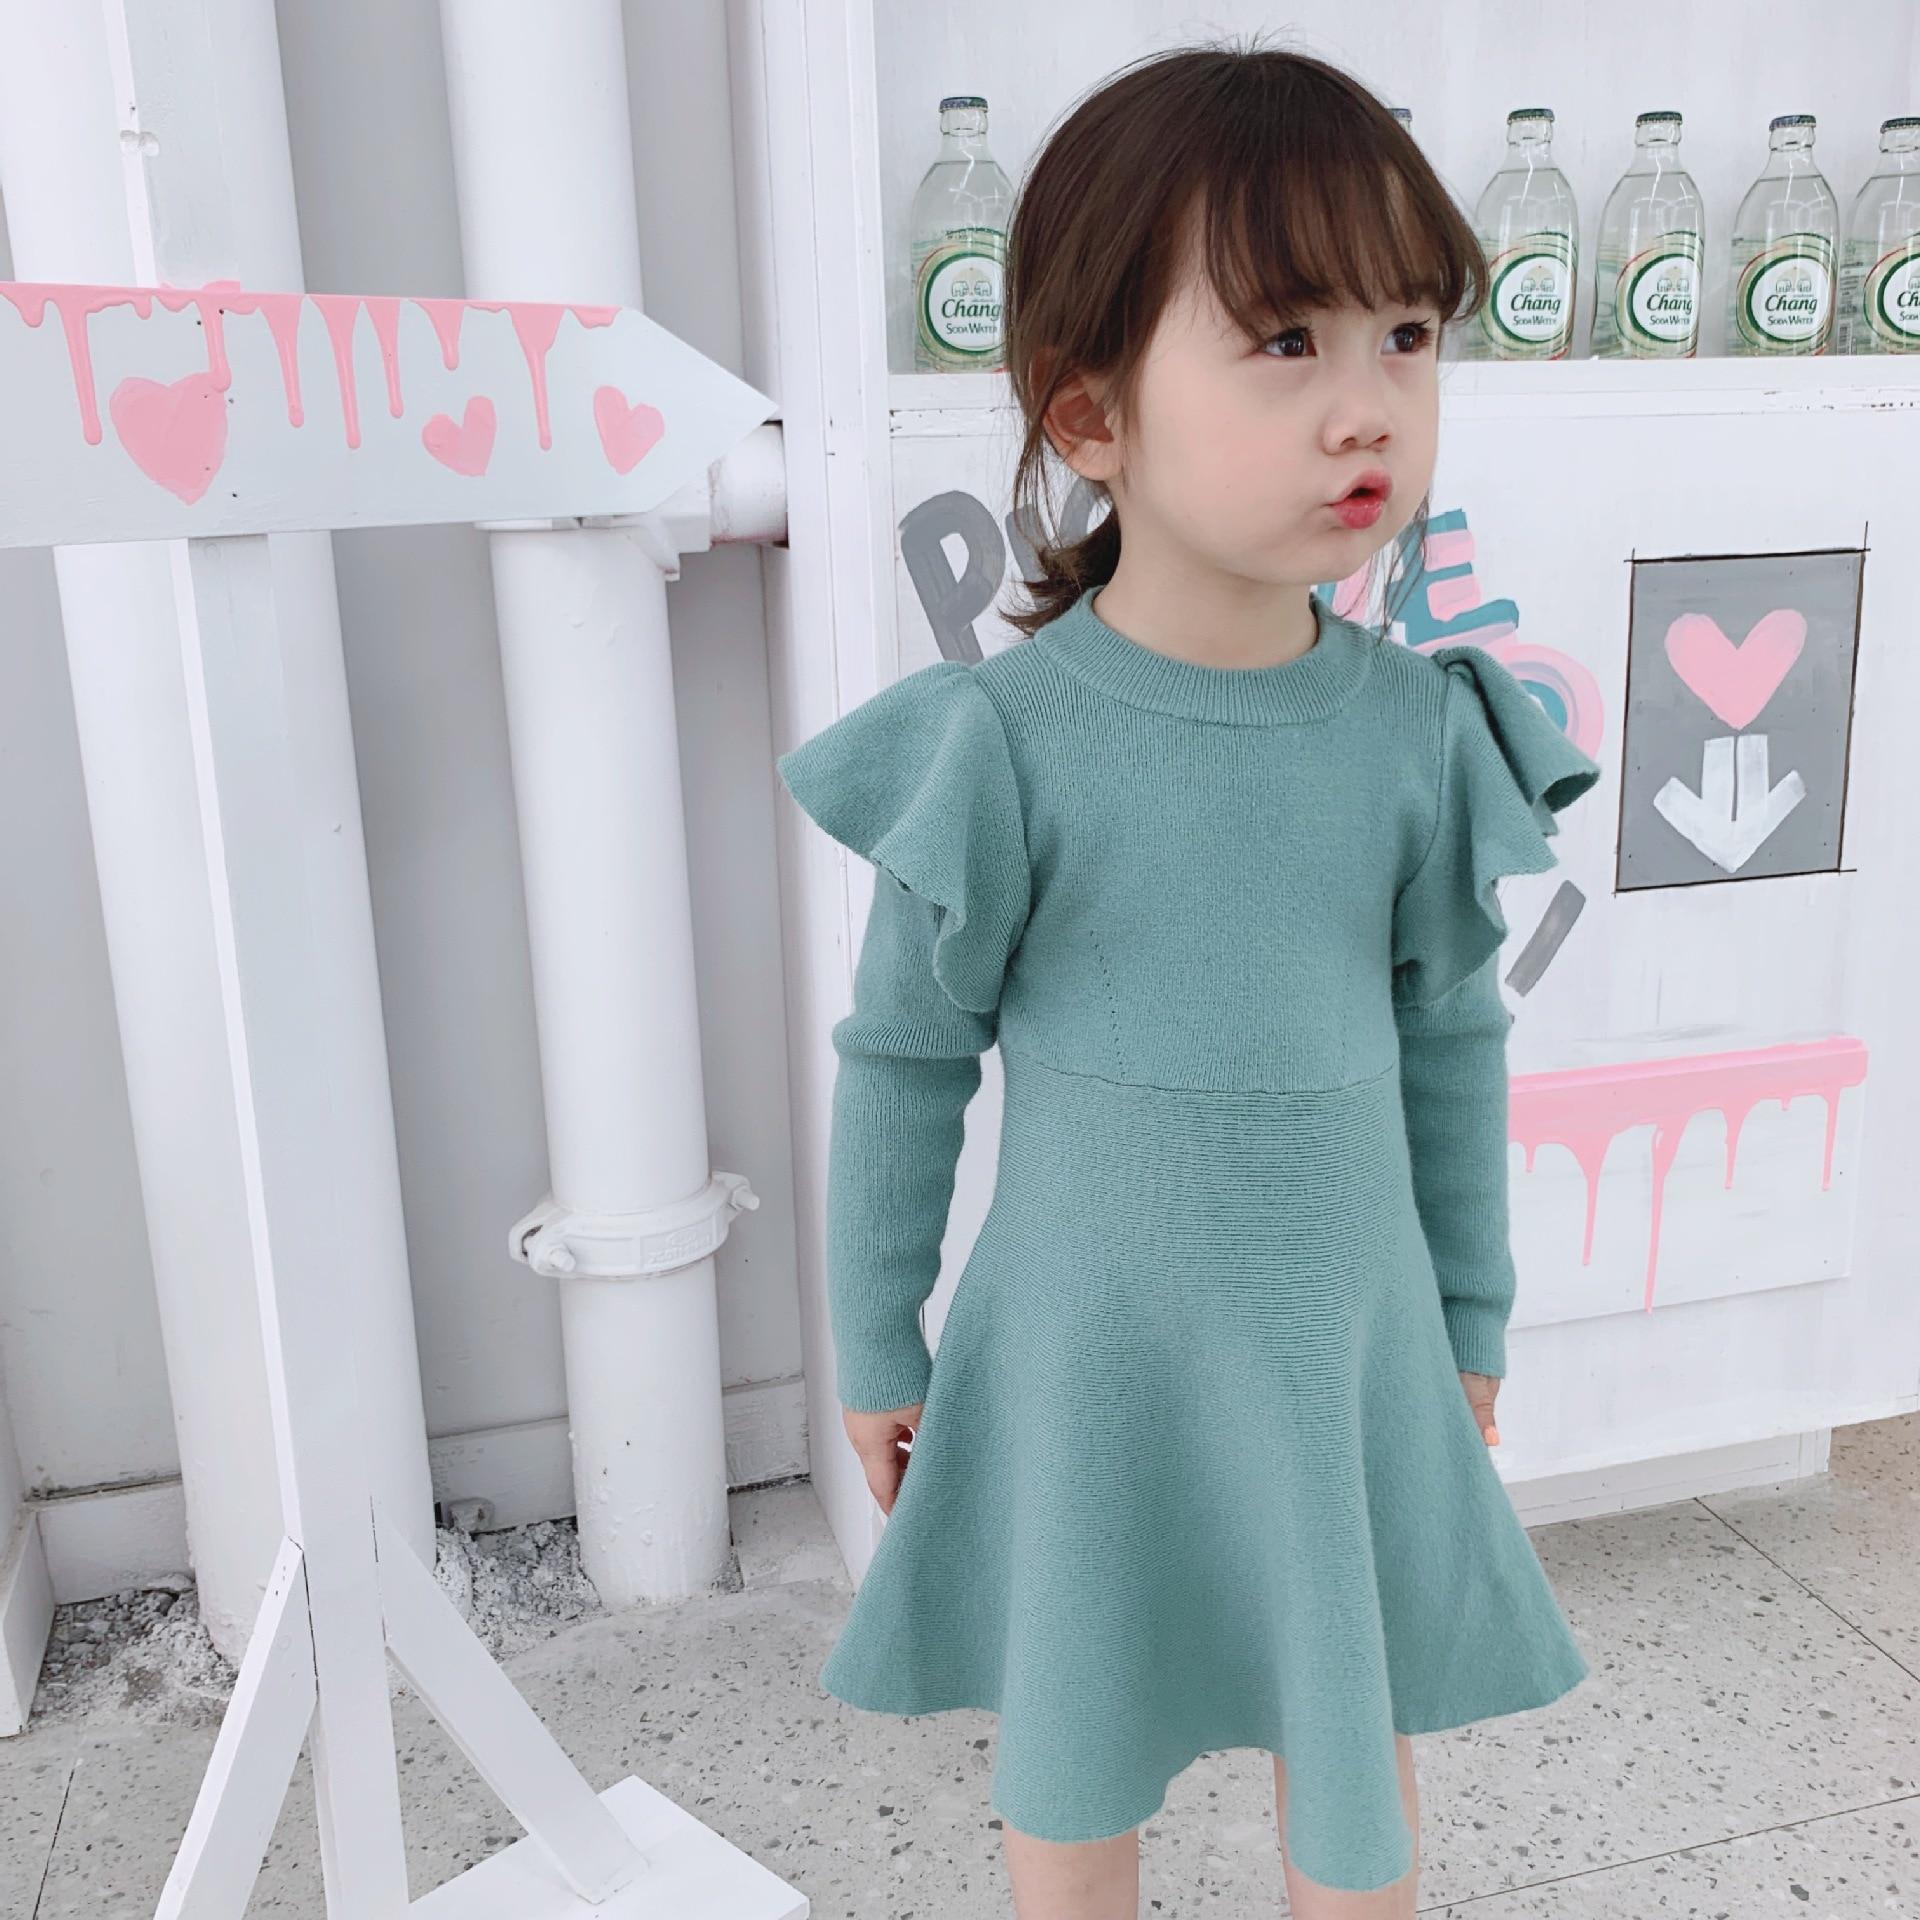 2019 новое платье принцессы осенне зимний пуловер с круглым вырезом платье с воланами корейские вечерние платья для девочек на свадьбу